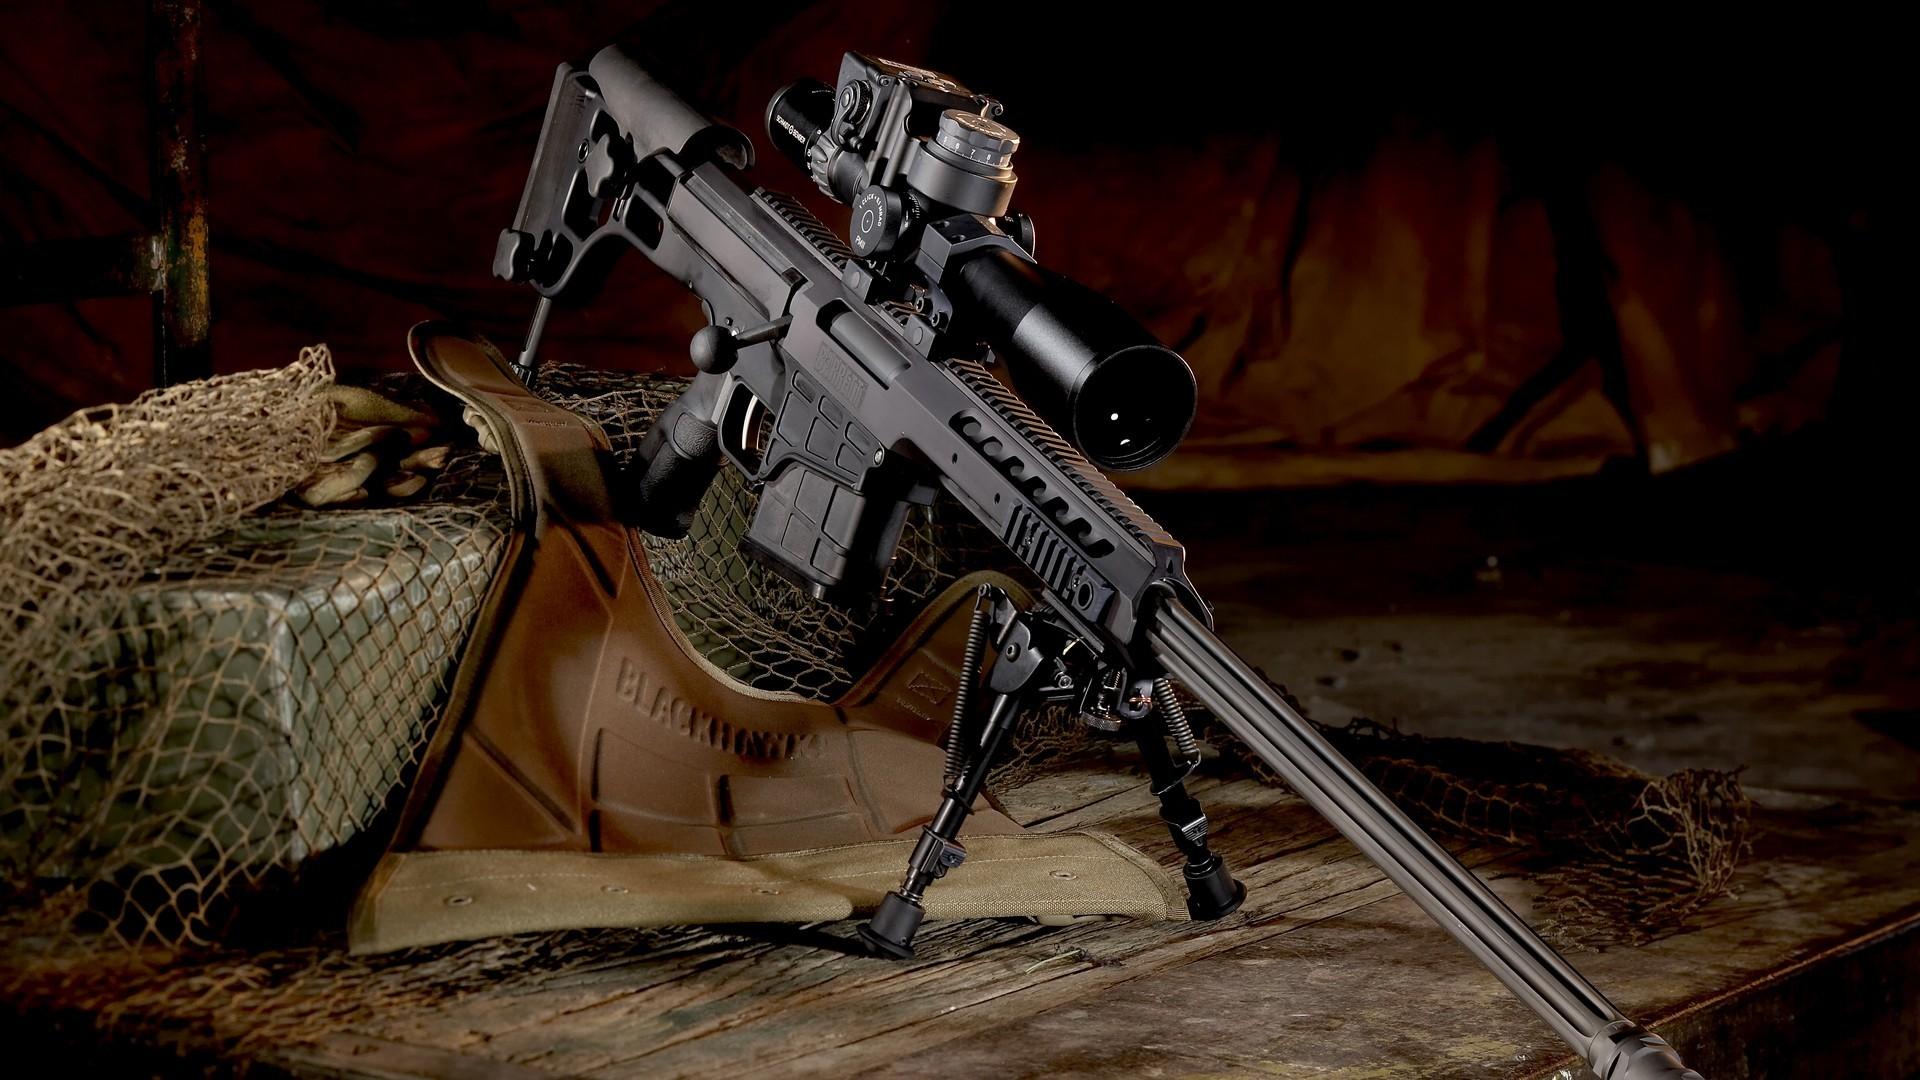 Hintergrundbilder Gewehr Waffe Soldat Scharfschützengewehr